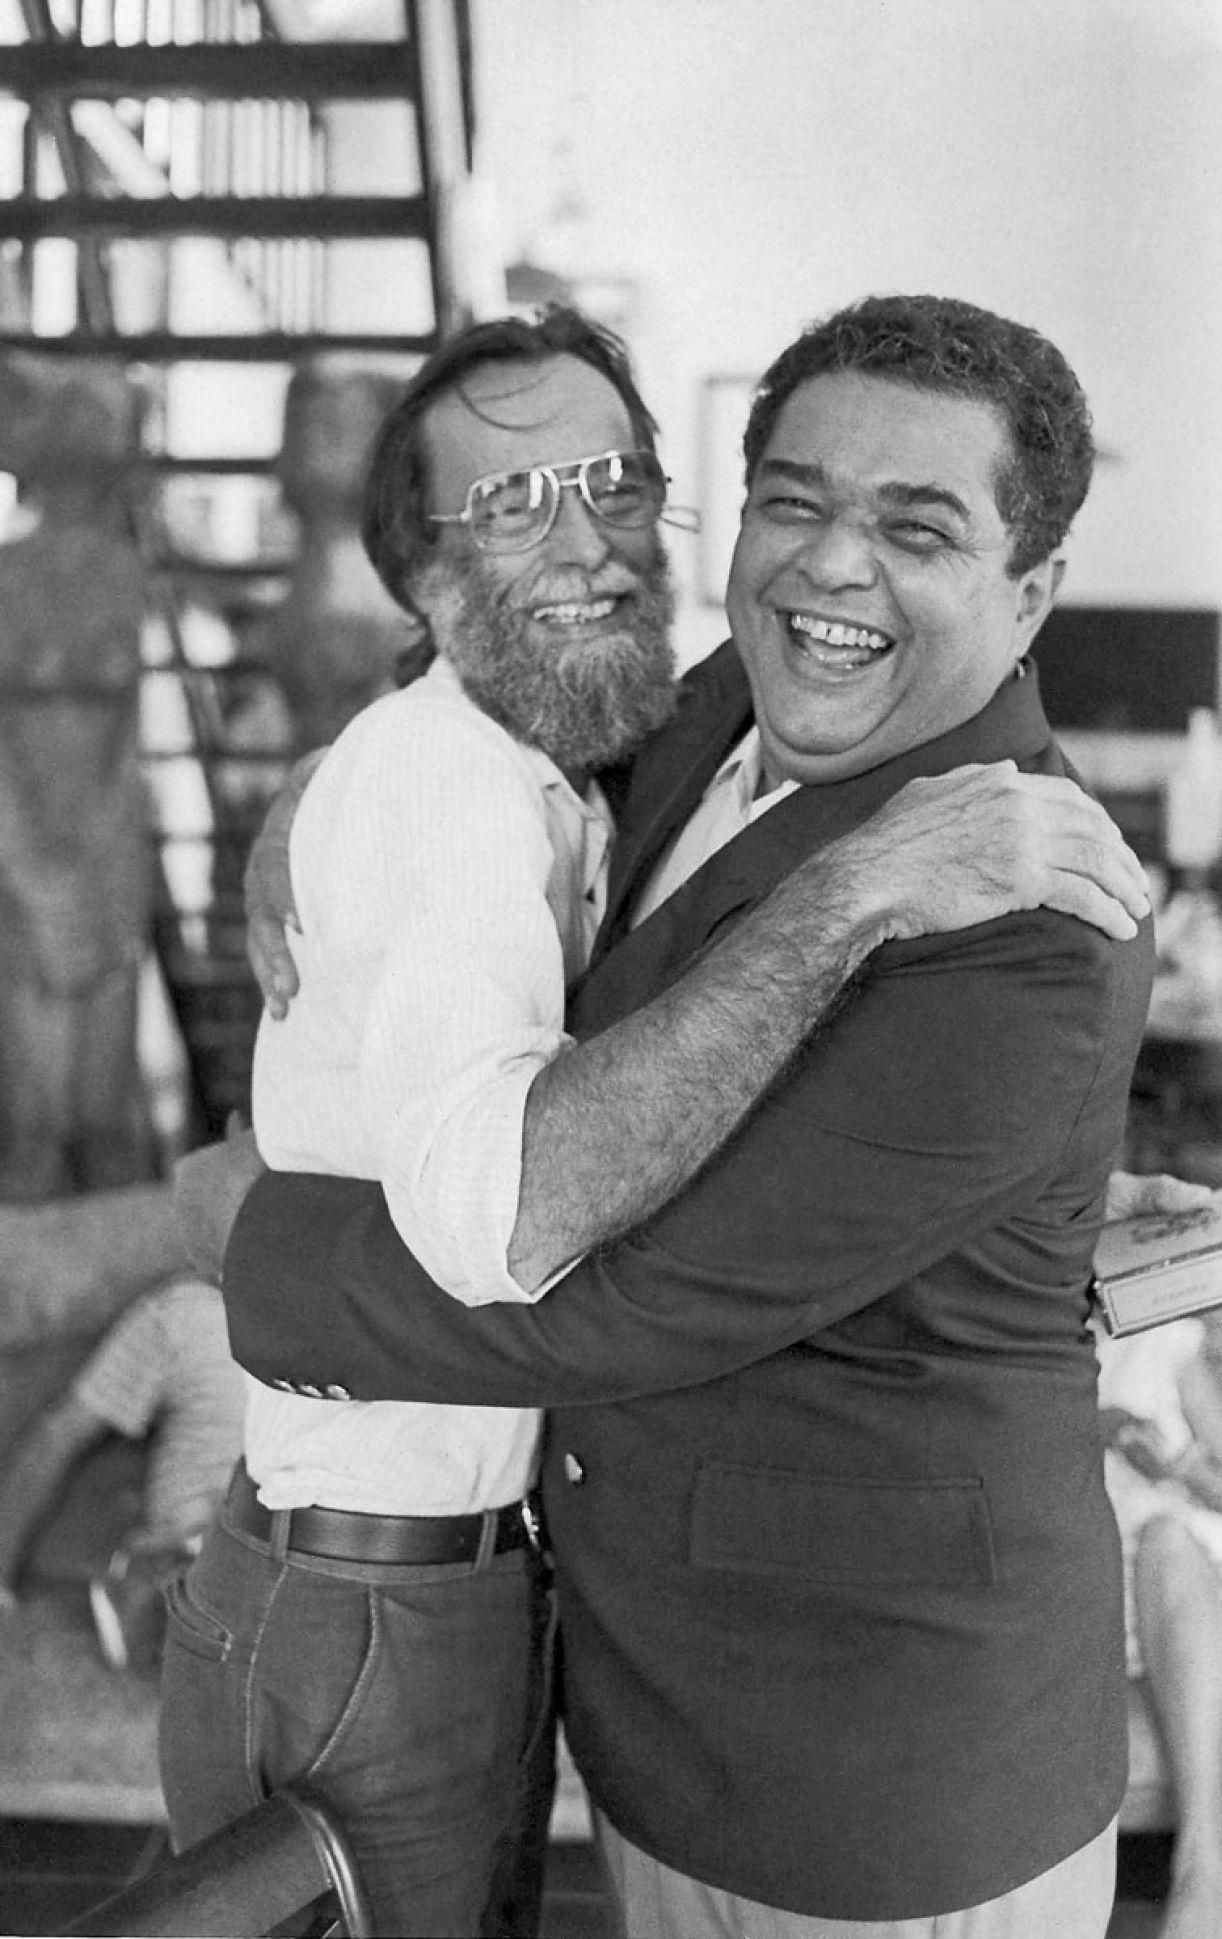 Esta é a foto que serviu para fazer minha dentadura: eu abraçando o pintor Gilvan Samico